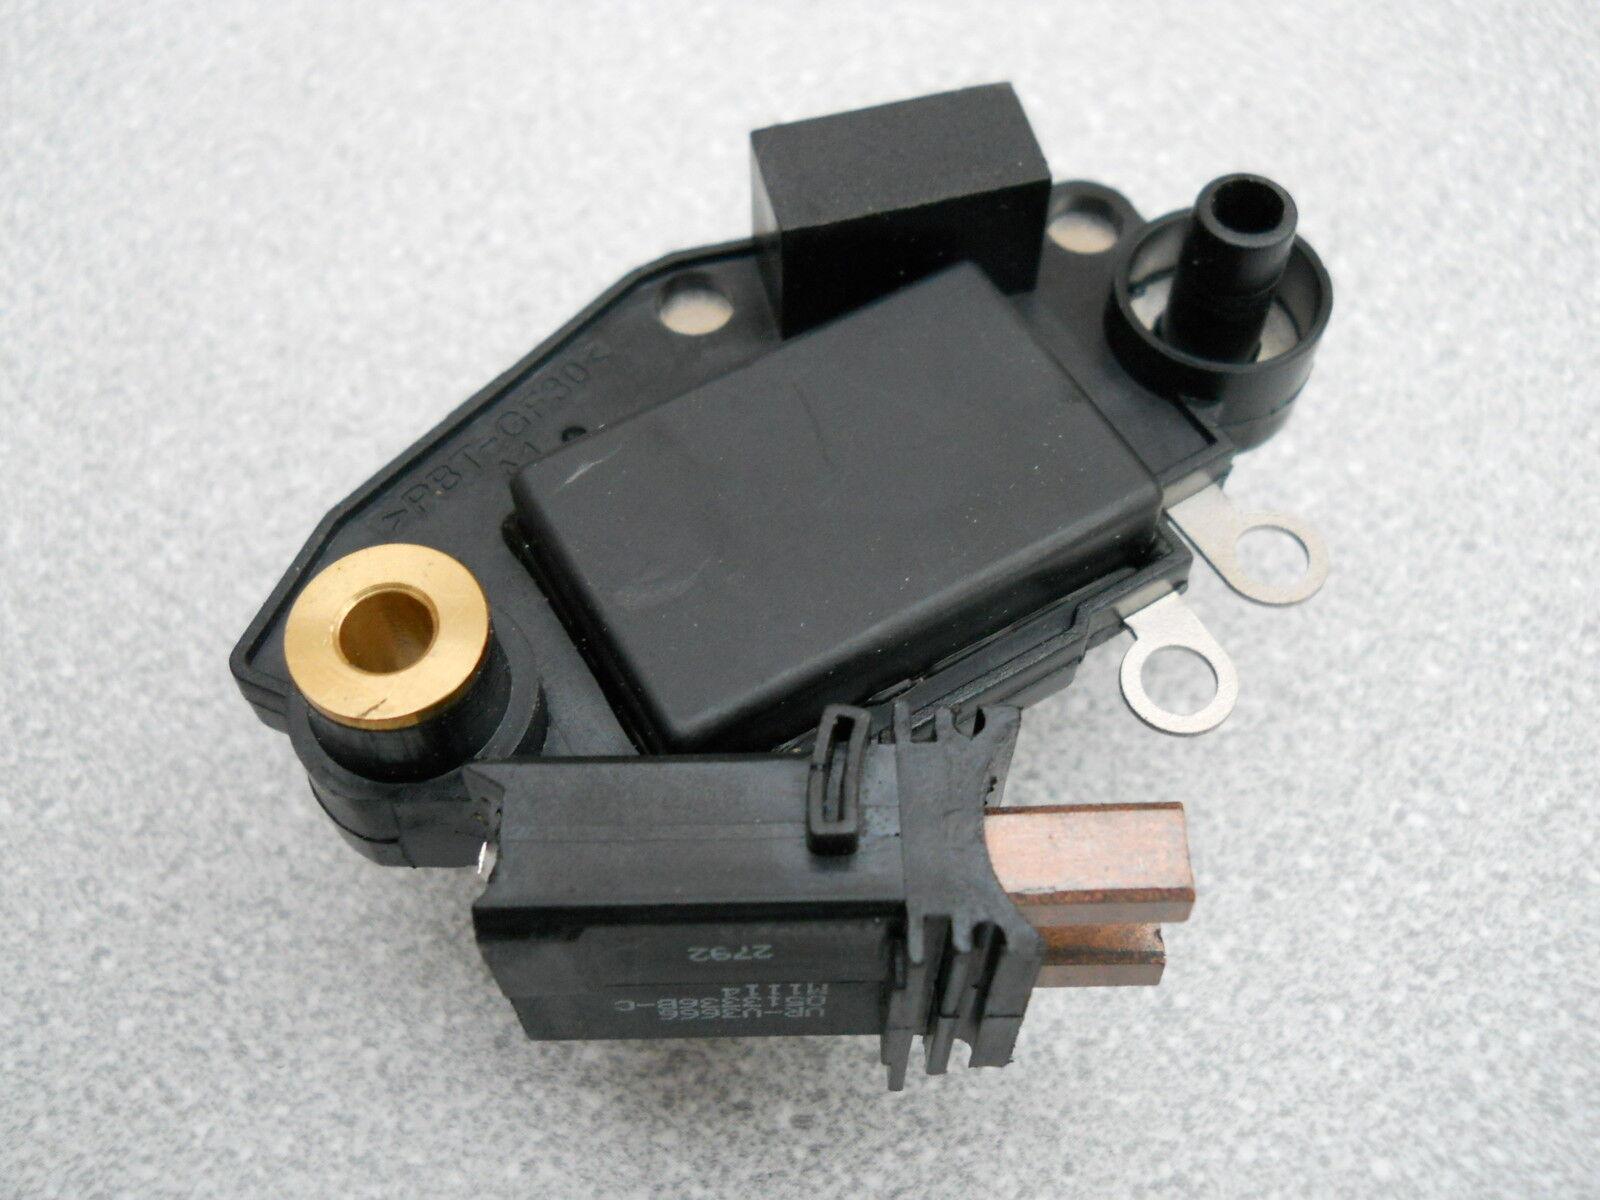 Gleichrichter Diodenplatte Renault Espace IV 2.0 Turbo 155A Wassergekühlt Valeo